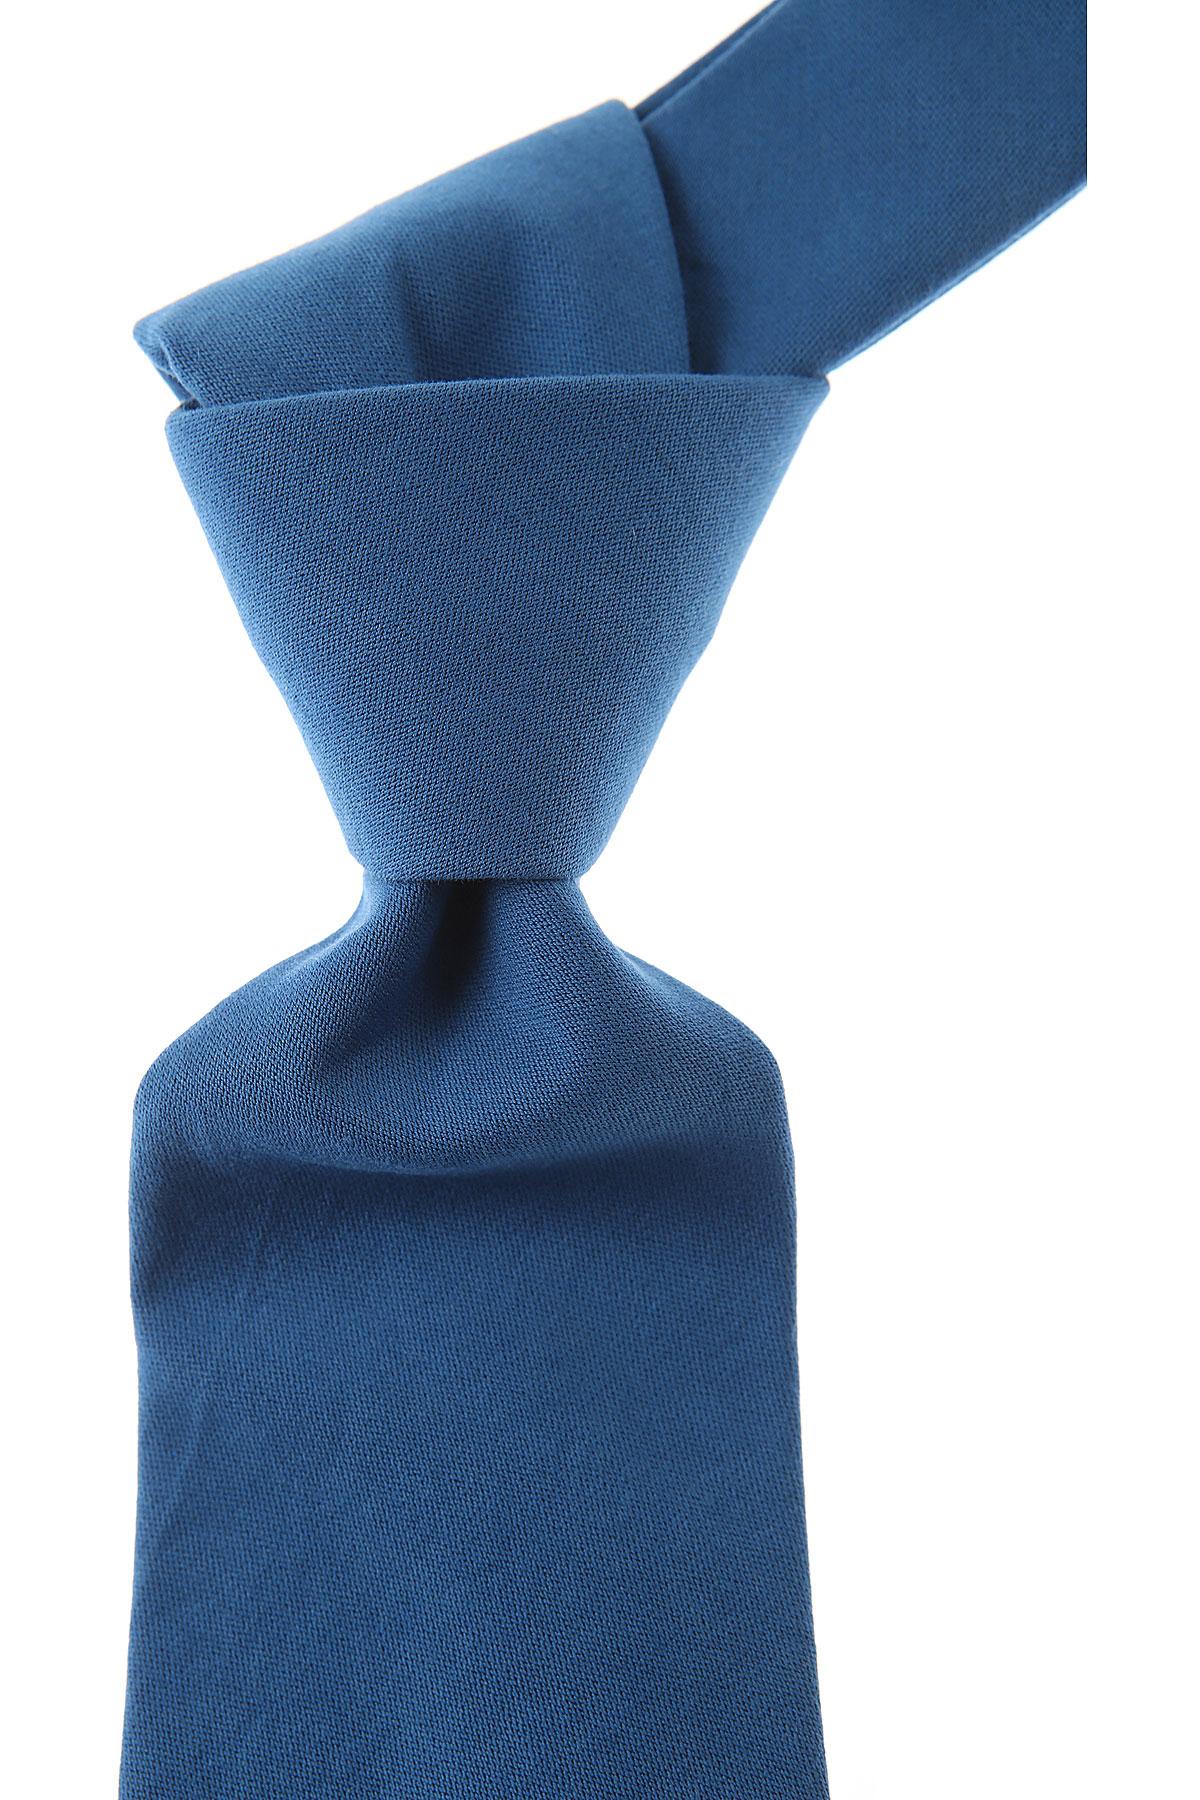 Belvest Cravates Pas cher en Soldes, Bleu ciel, Coton, 2019